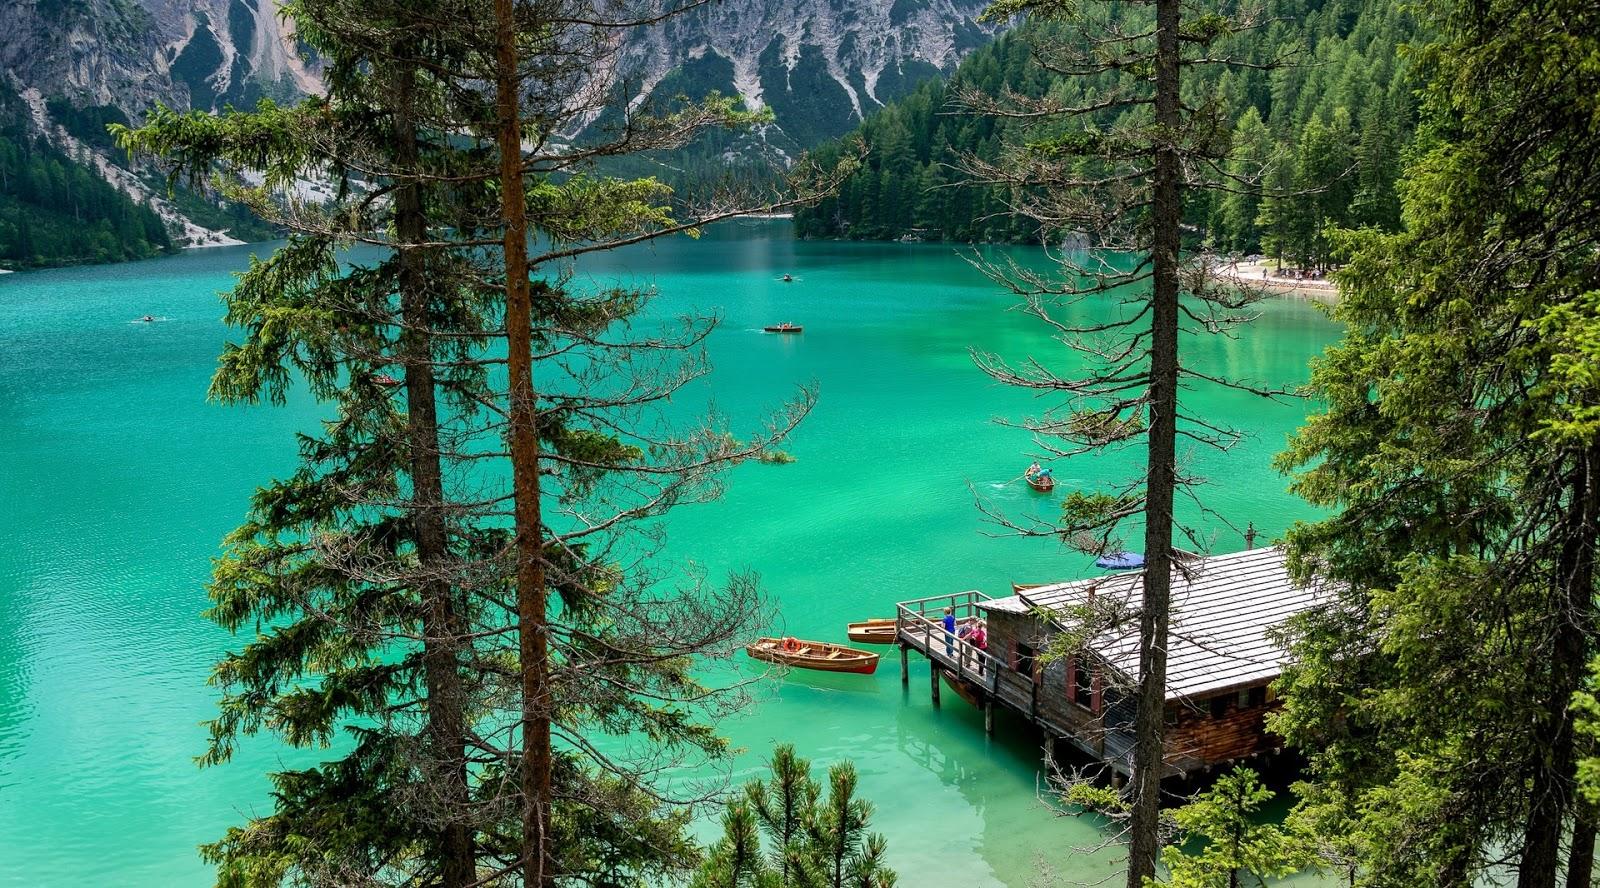 8 Foto Pemandangan Alam Asli Indah Mempesona